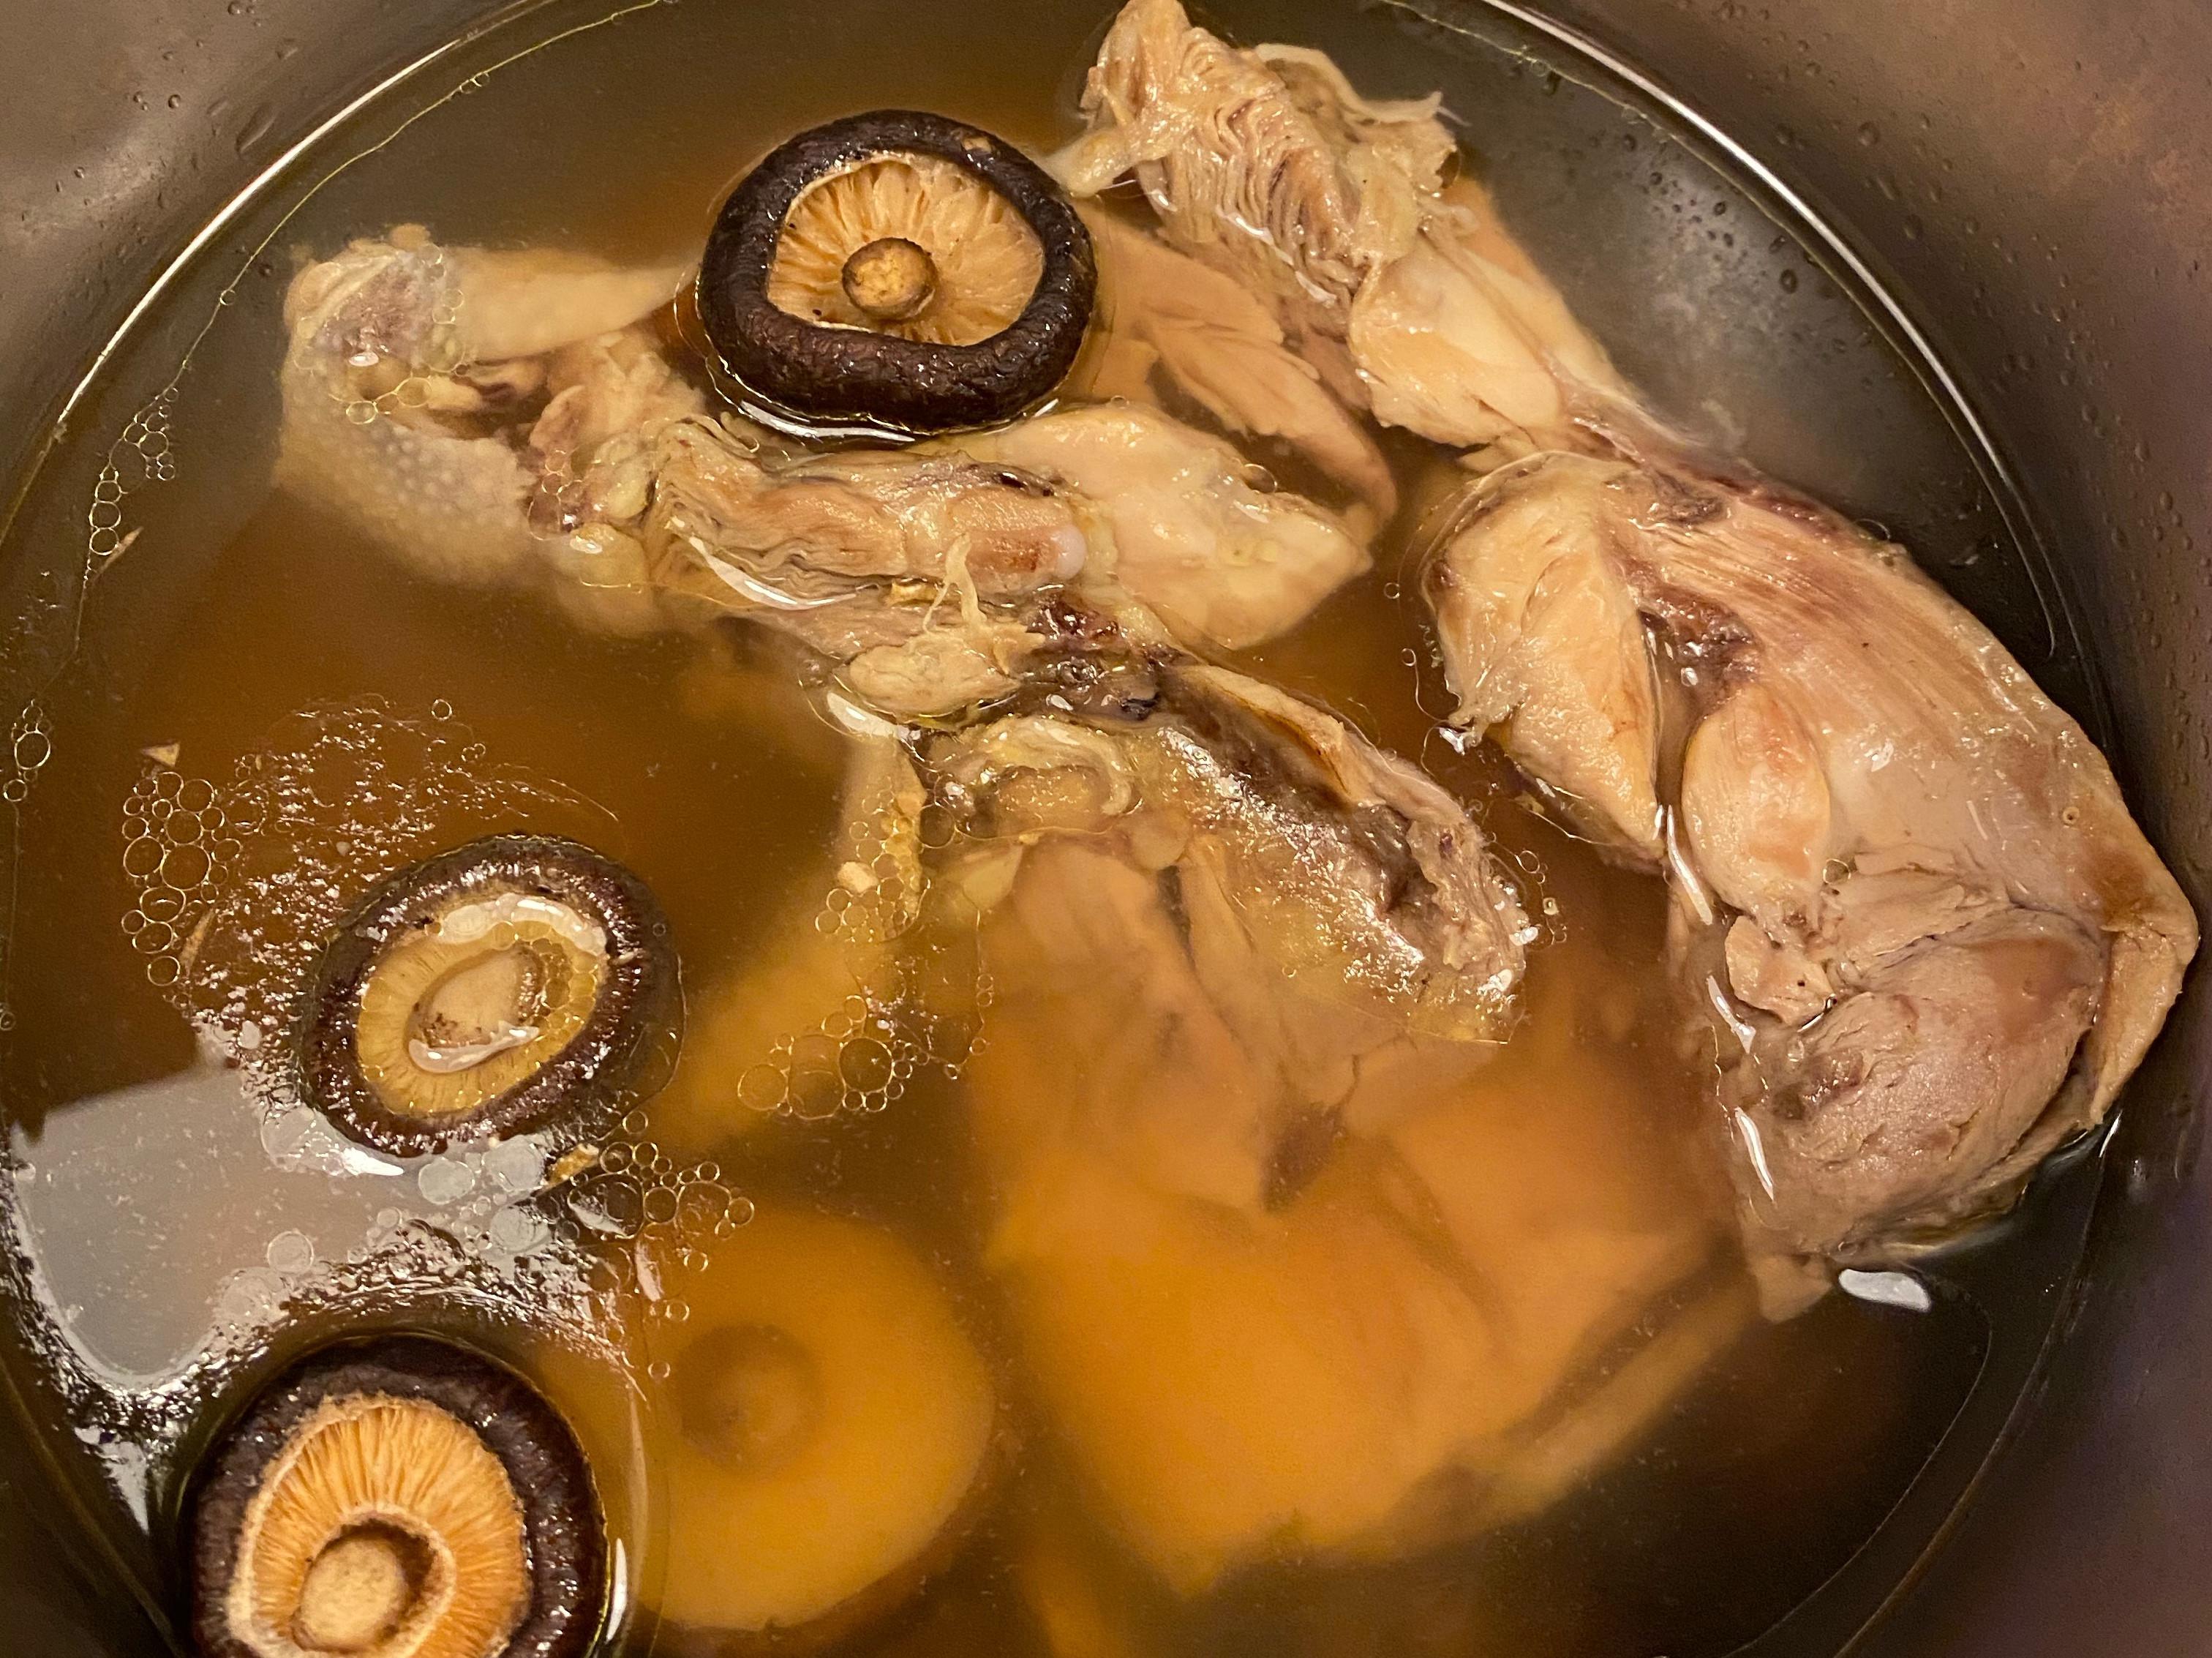 好市多紹興醉雞湯-比泡麵還簡單